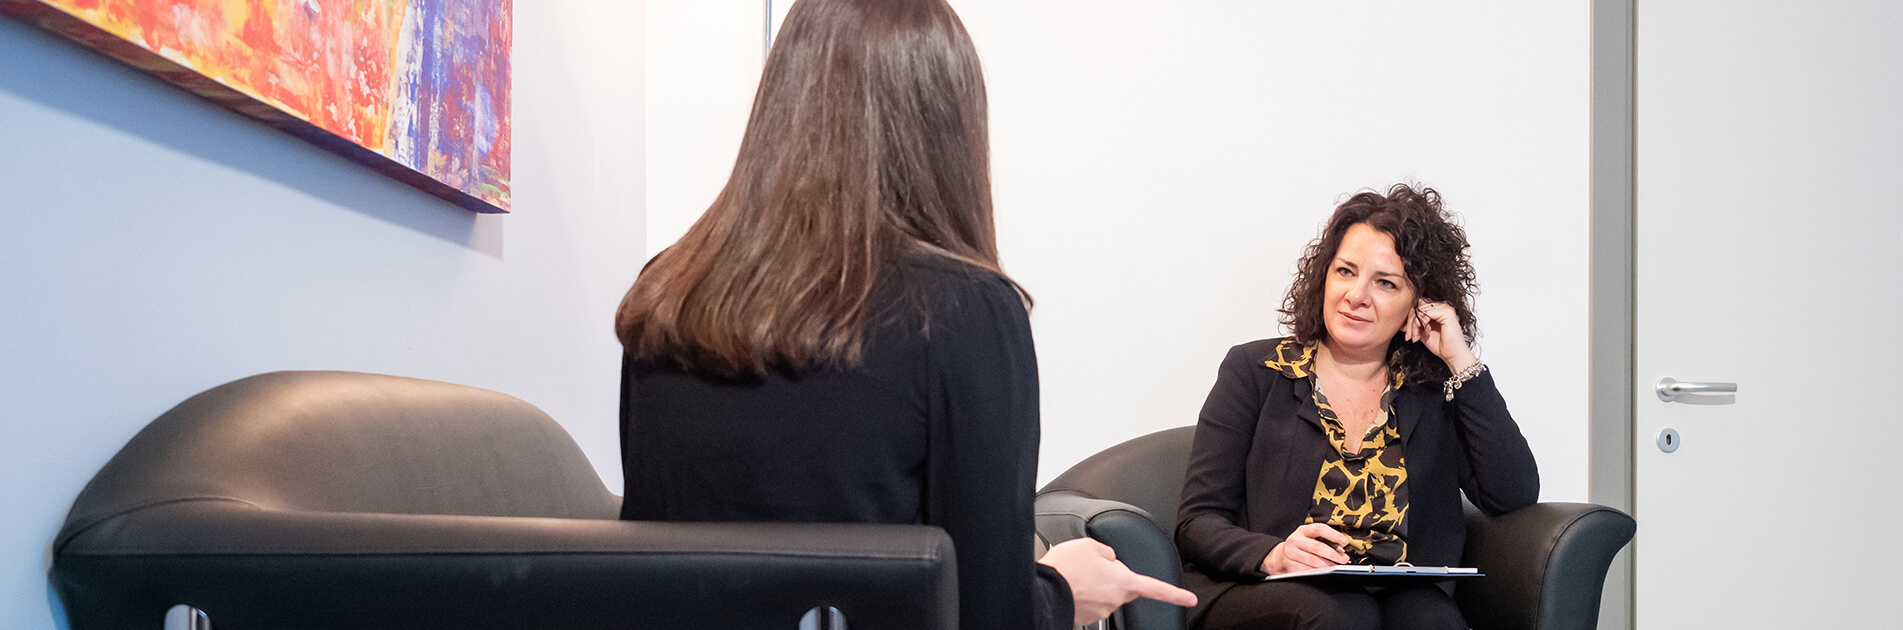 Psicologa per problemi sul lavoro a Mantova